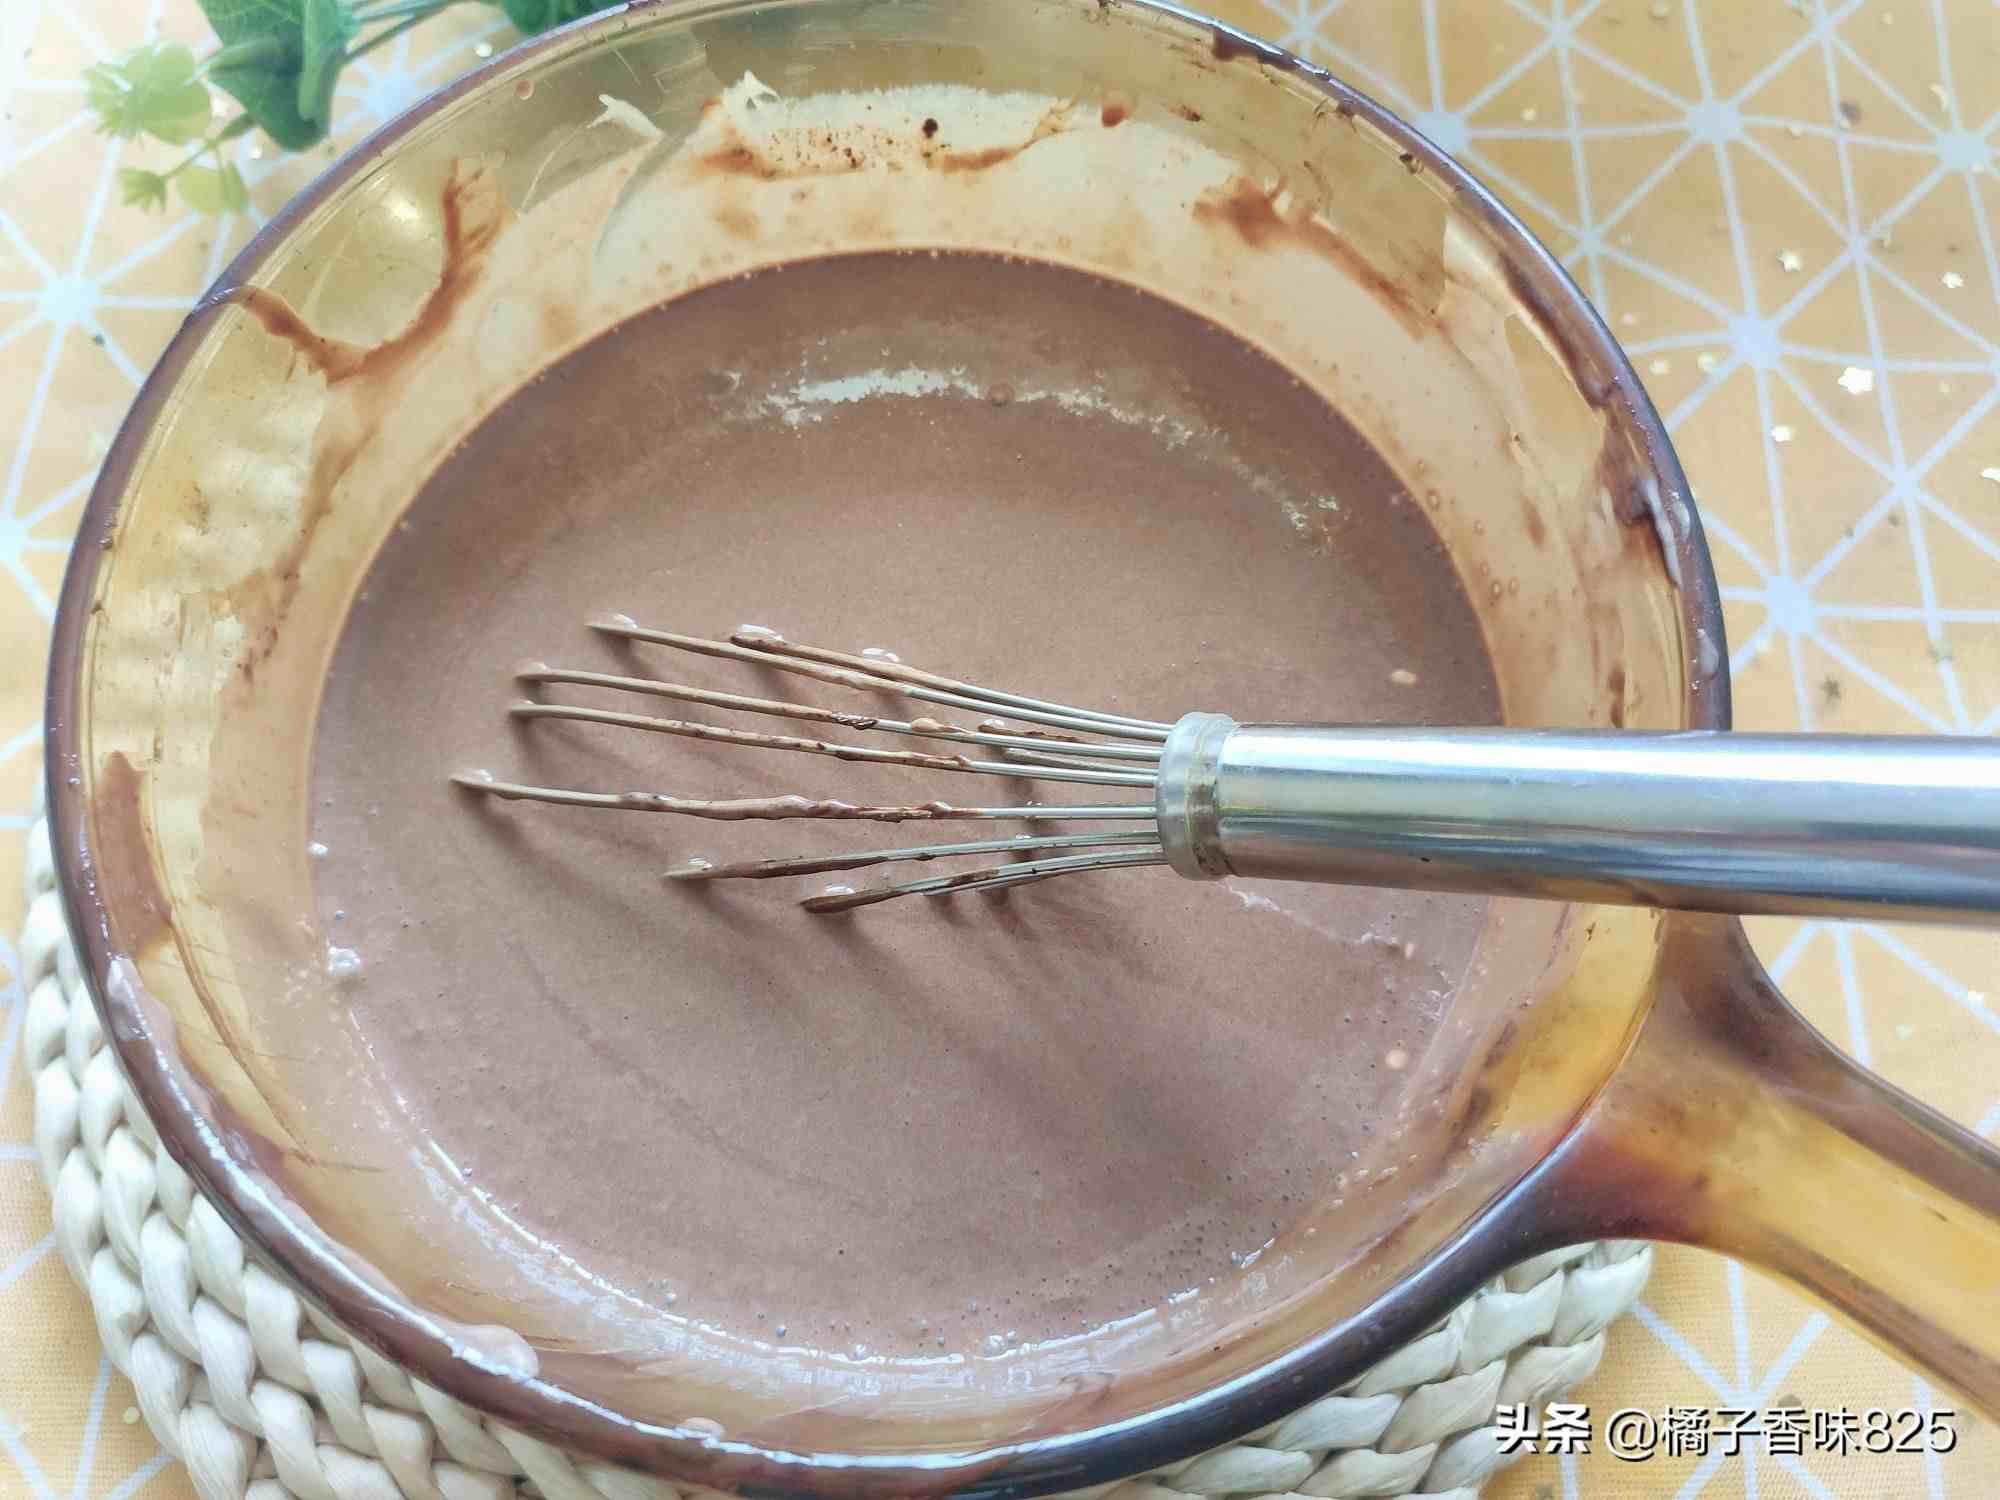 巧克力冰激凌的做法(在家自制巧克力冰淇淋)